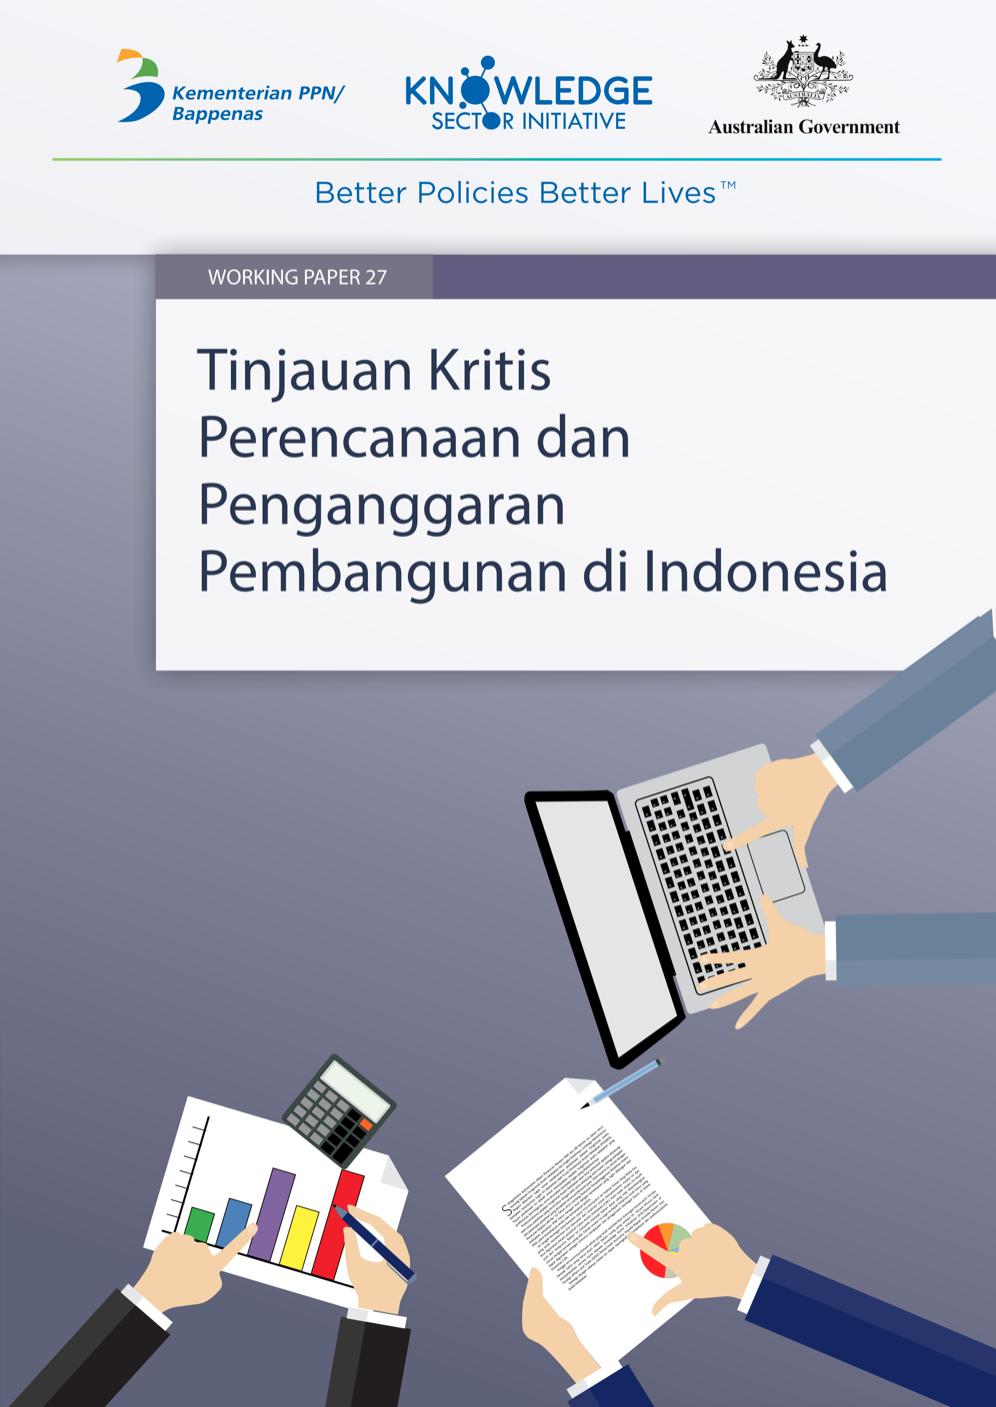 Working Paper -</br>Tinjauan Kritis Perencanaan dan Penganggaran Pembangunan di Indonesia